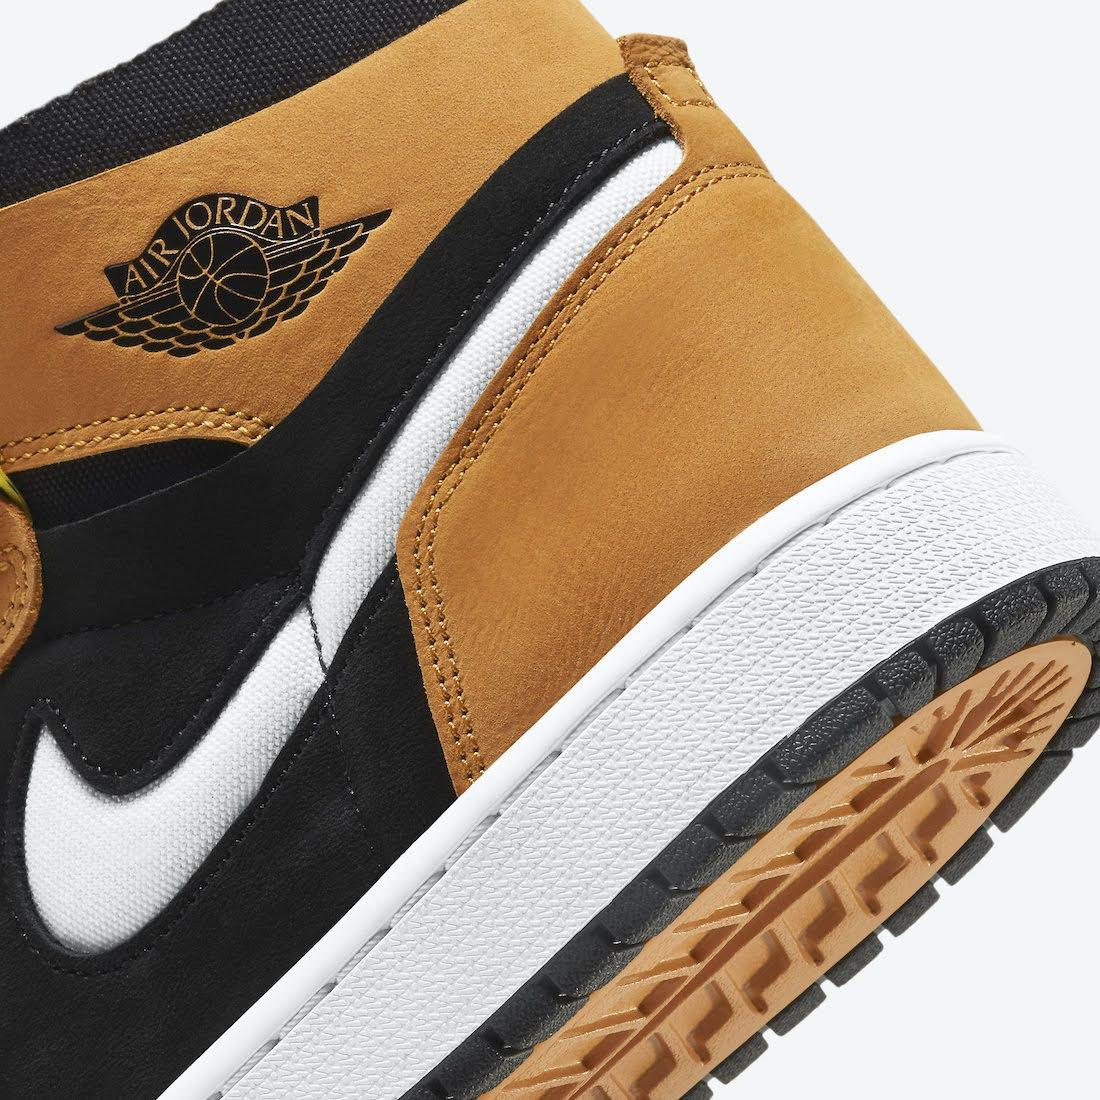 """ナイキ エア ジョーダン 1 ズーム コンフォート """"ブラックウィート"""" Nike-Air-Jordan-1-Zoom-Comfort-Black-Wheat-CT0978-002-side2ナイキ エア ジョーダン 1 ズーム コンフォート """"ブラックウィート"""" Nike-Air-Jordan-1-Zoom-Comfort-Black-Wheat-CT0978-002-heel-closeup"""